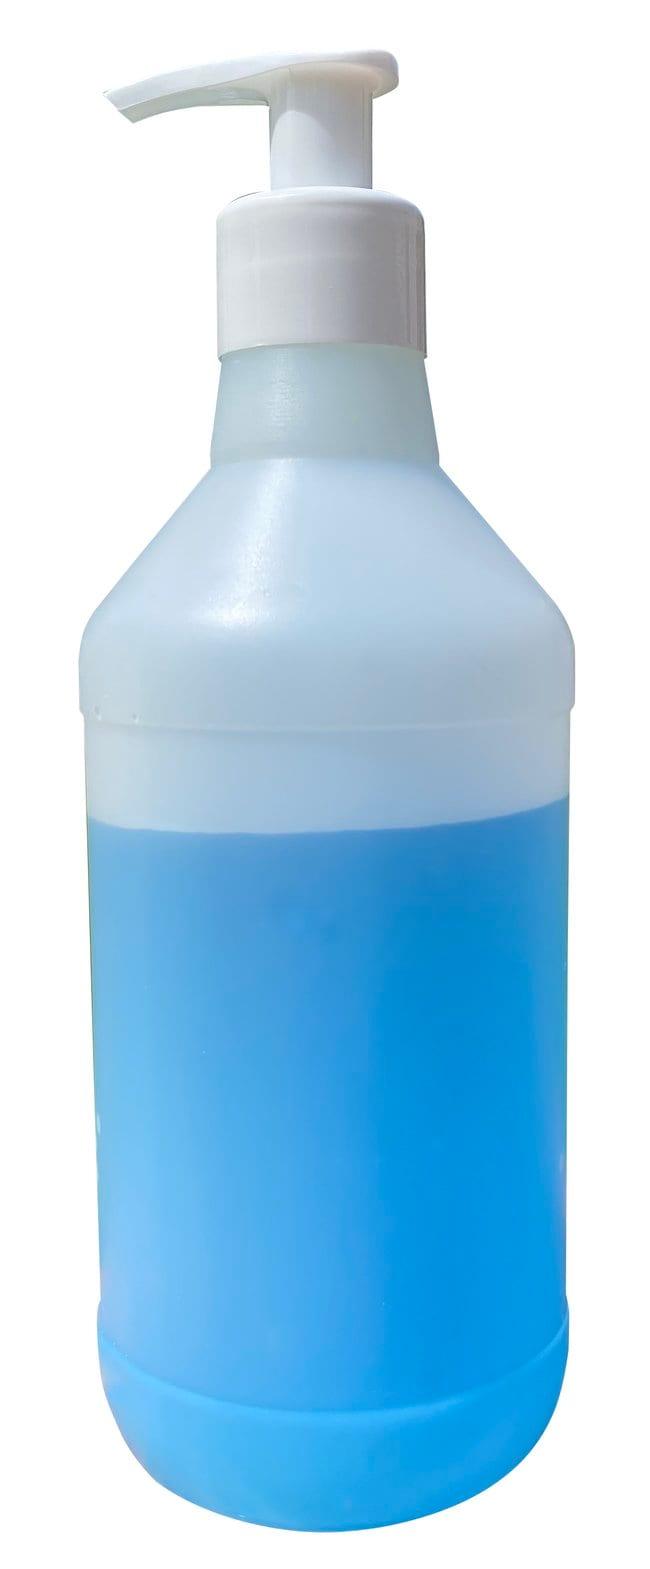 Dynalon Pump Dispensing Bottle